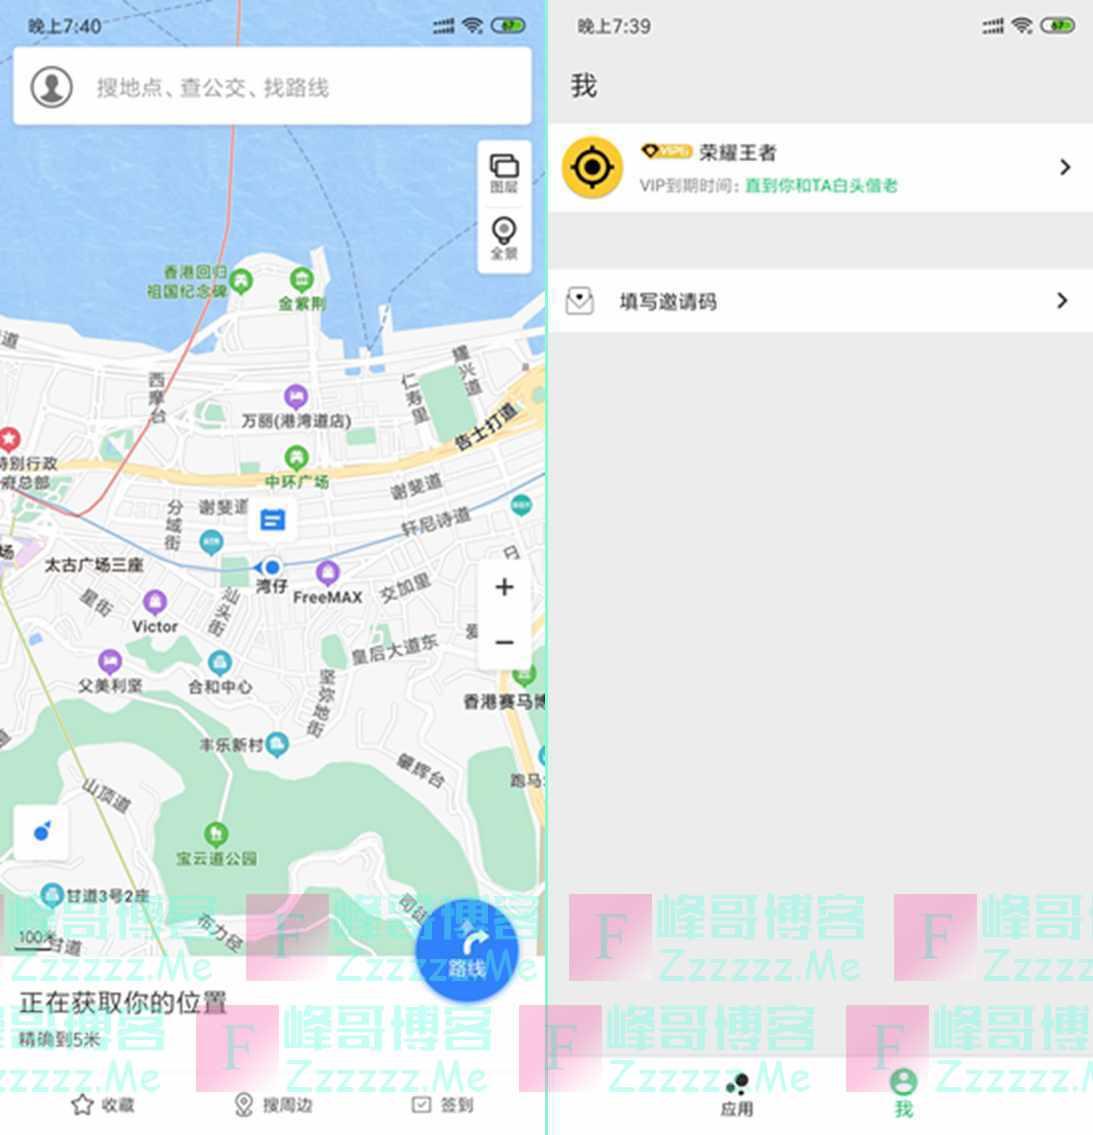 安卓幻影分身V1.0.7 最新VIP荣耀王者会员破解版下载